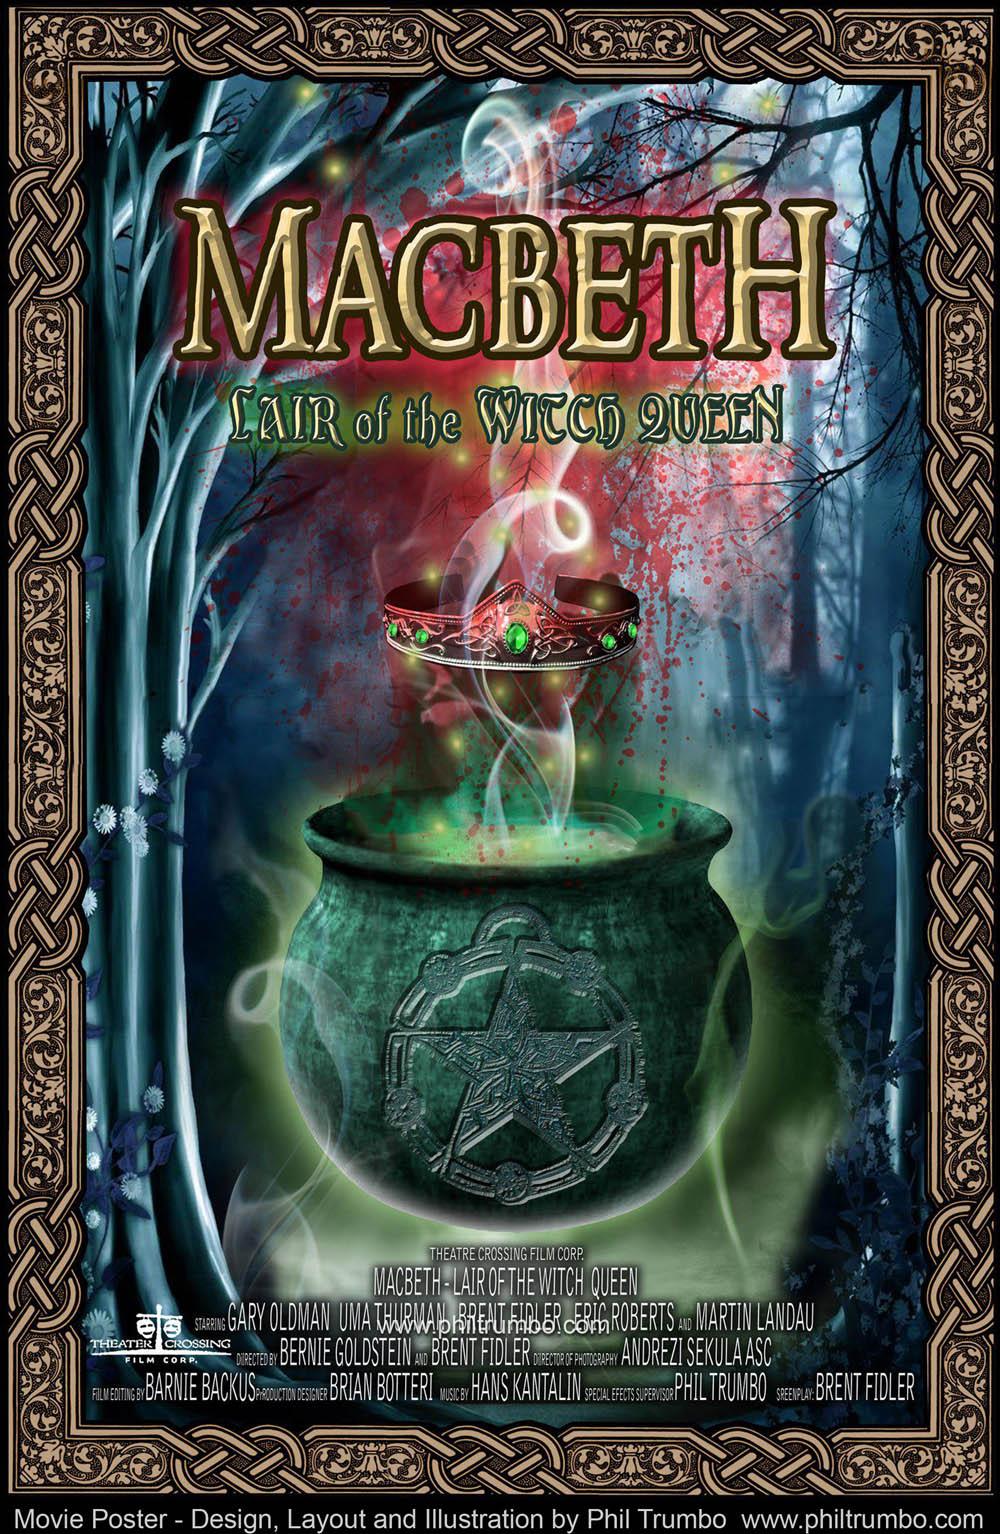 MacbethPoster1000.jpg